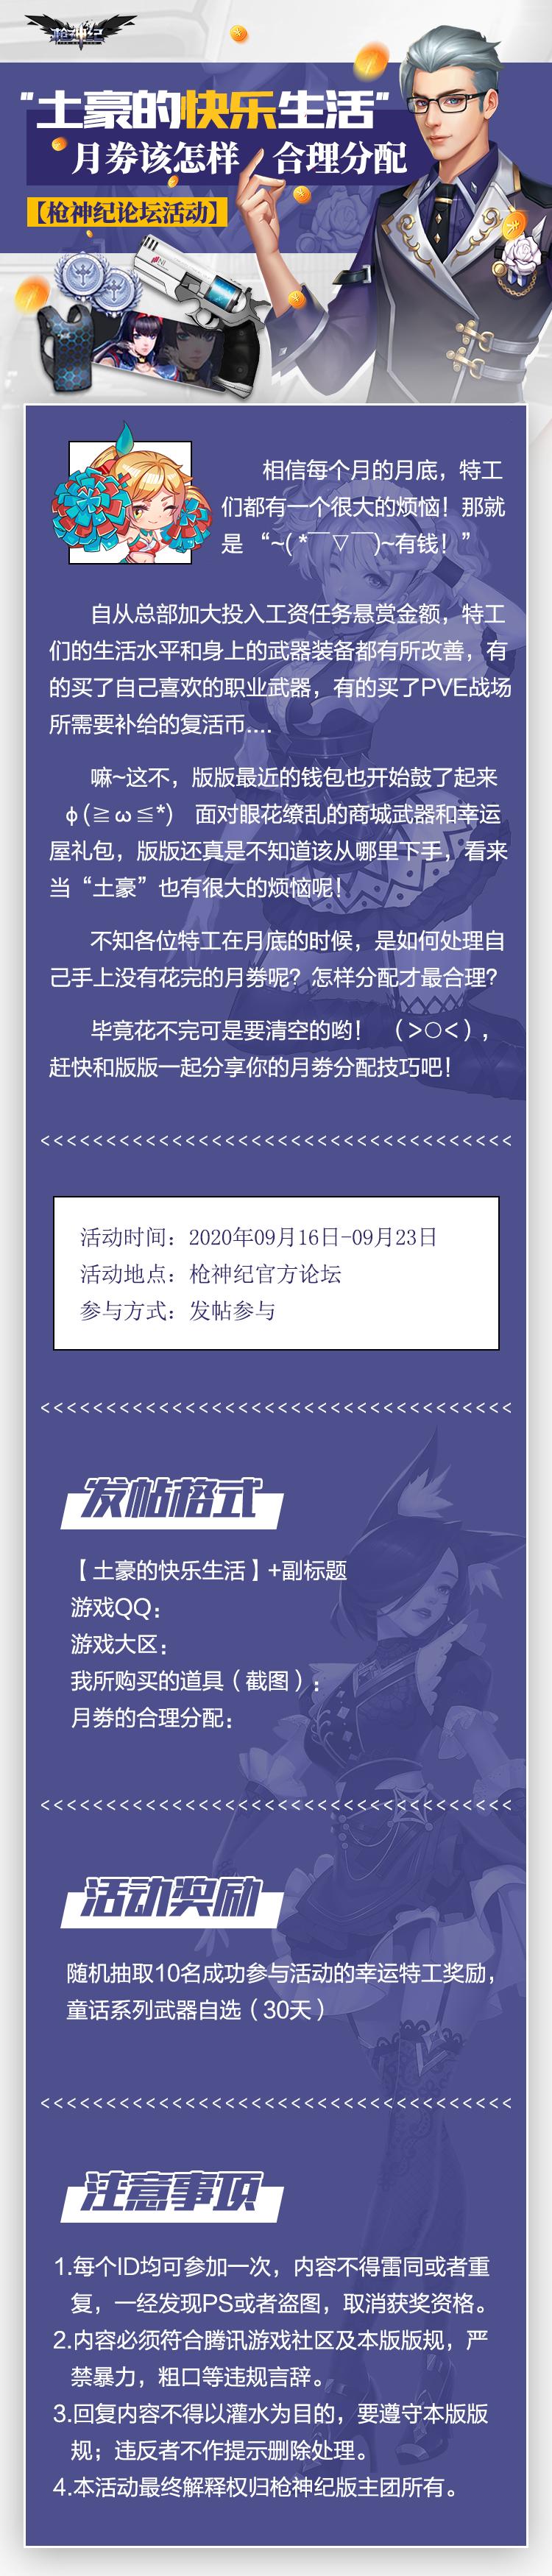 """【枪神纪论坛】-""""土豪的快乐生活""""-月劵该怎样合理分配.png"""